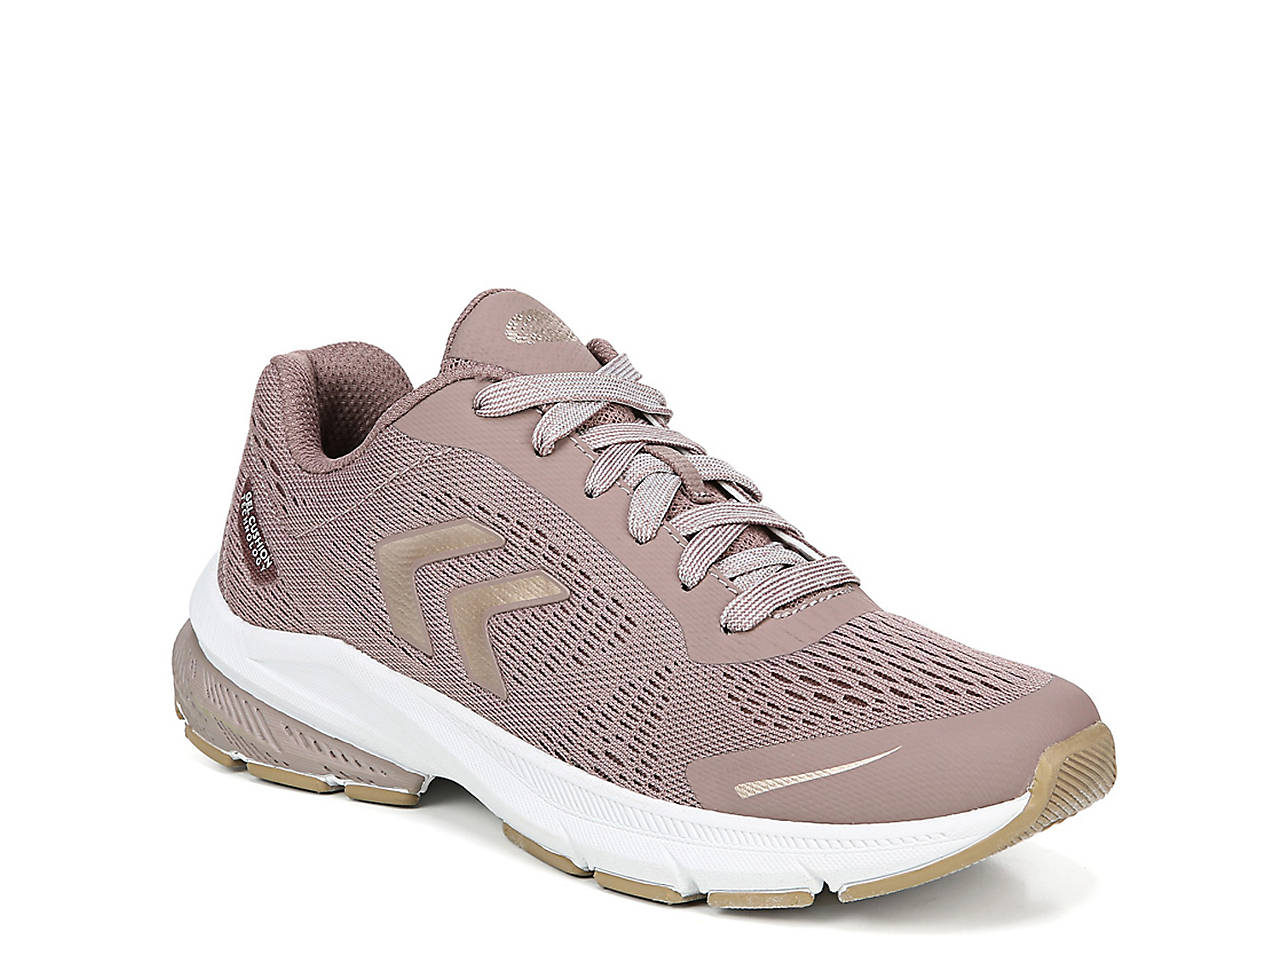 0eb5c0ec15c Dr. Scholl s Shake Out Walking Shoe - Women s Women s Shoes